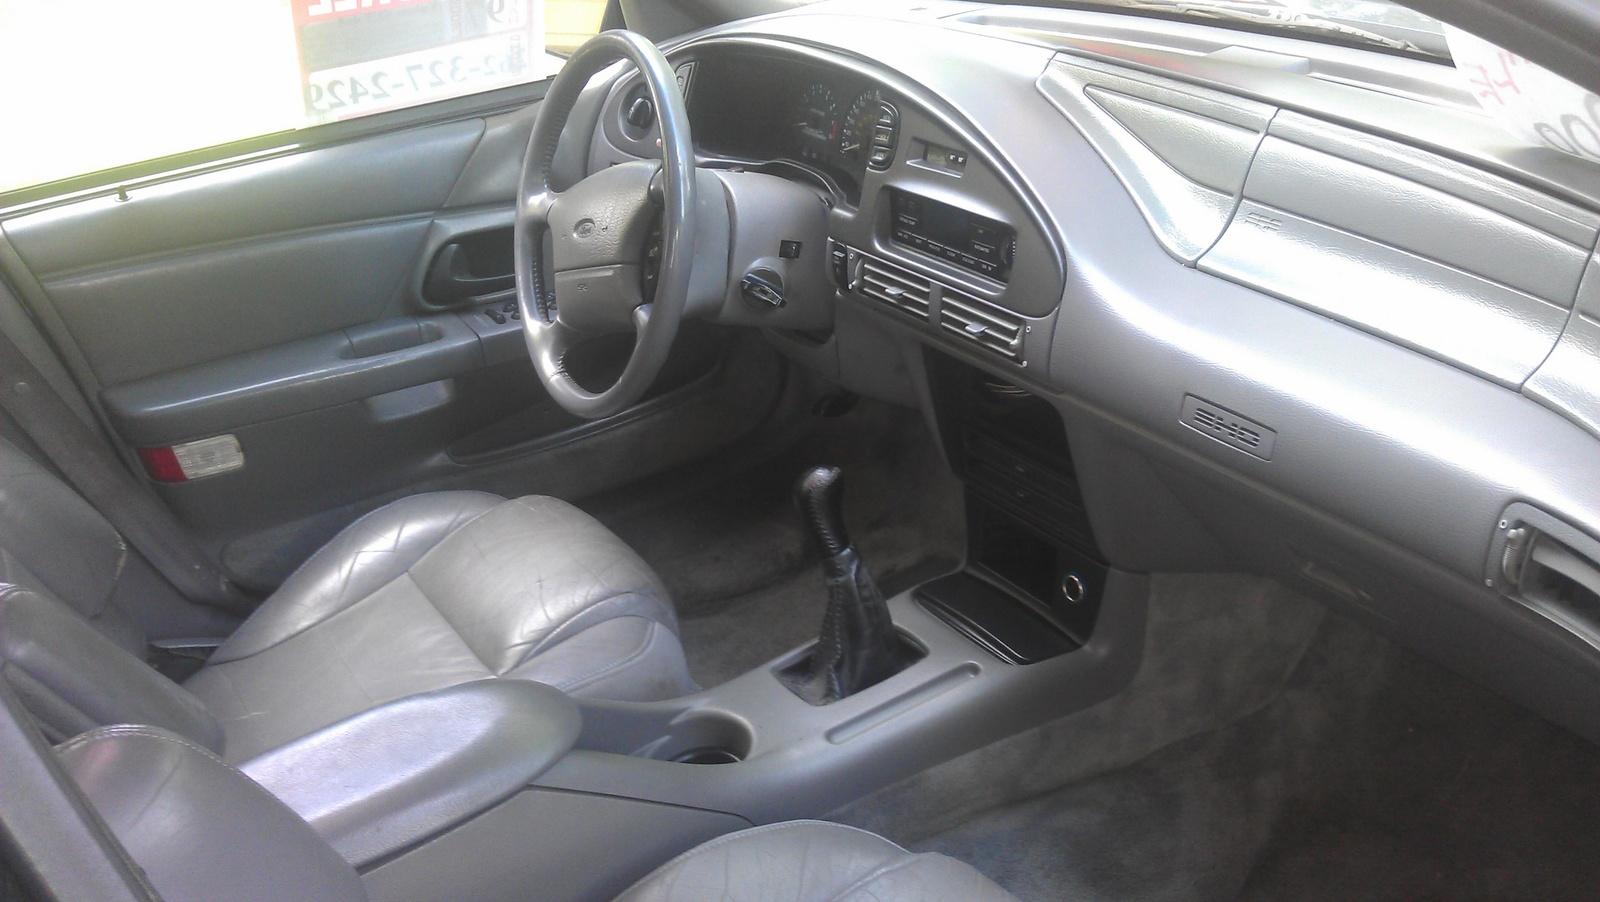 1995 ford taurus interior pictures cargurus